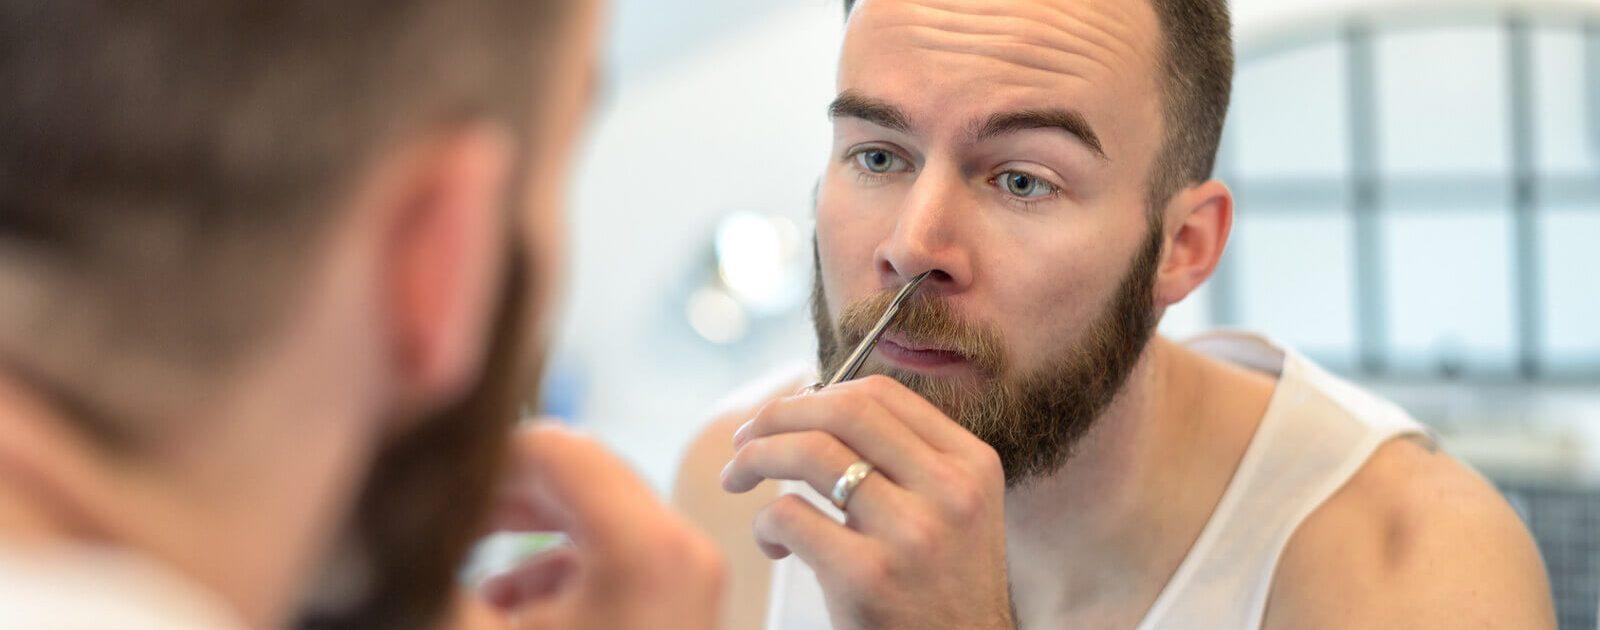 Mann kürzt sich seine Nasenhaare mit einer Schere